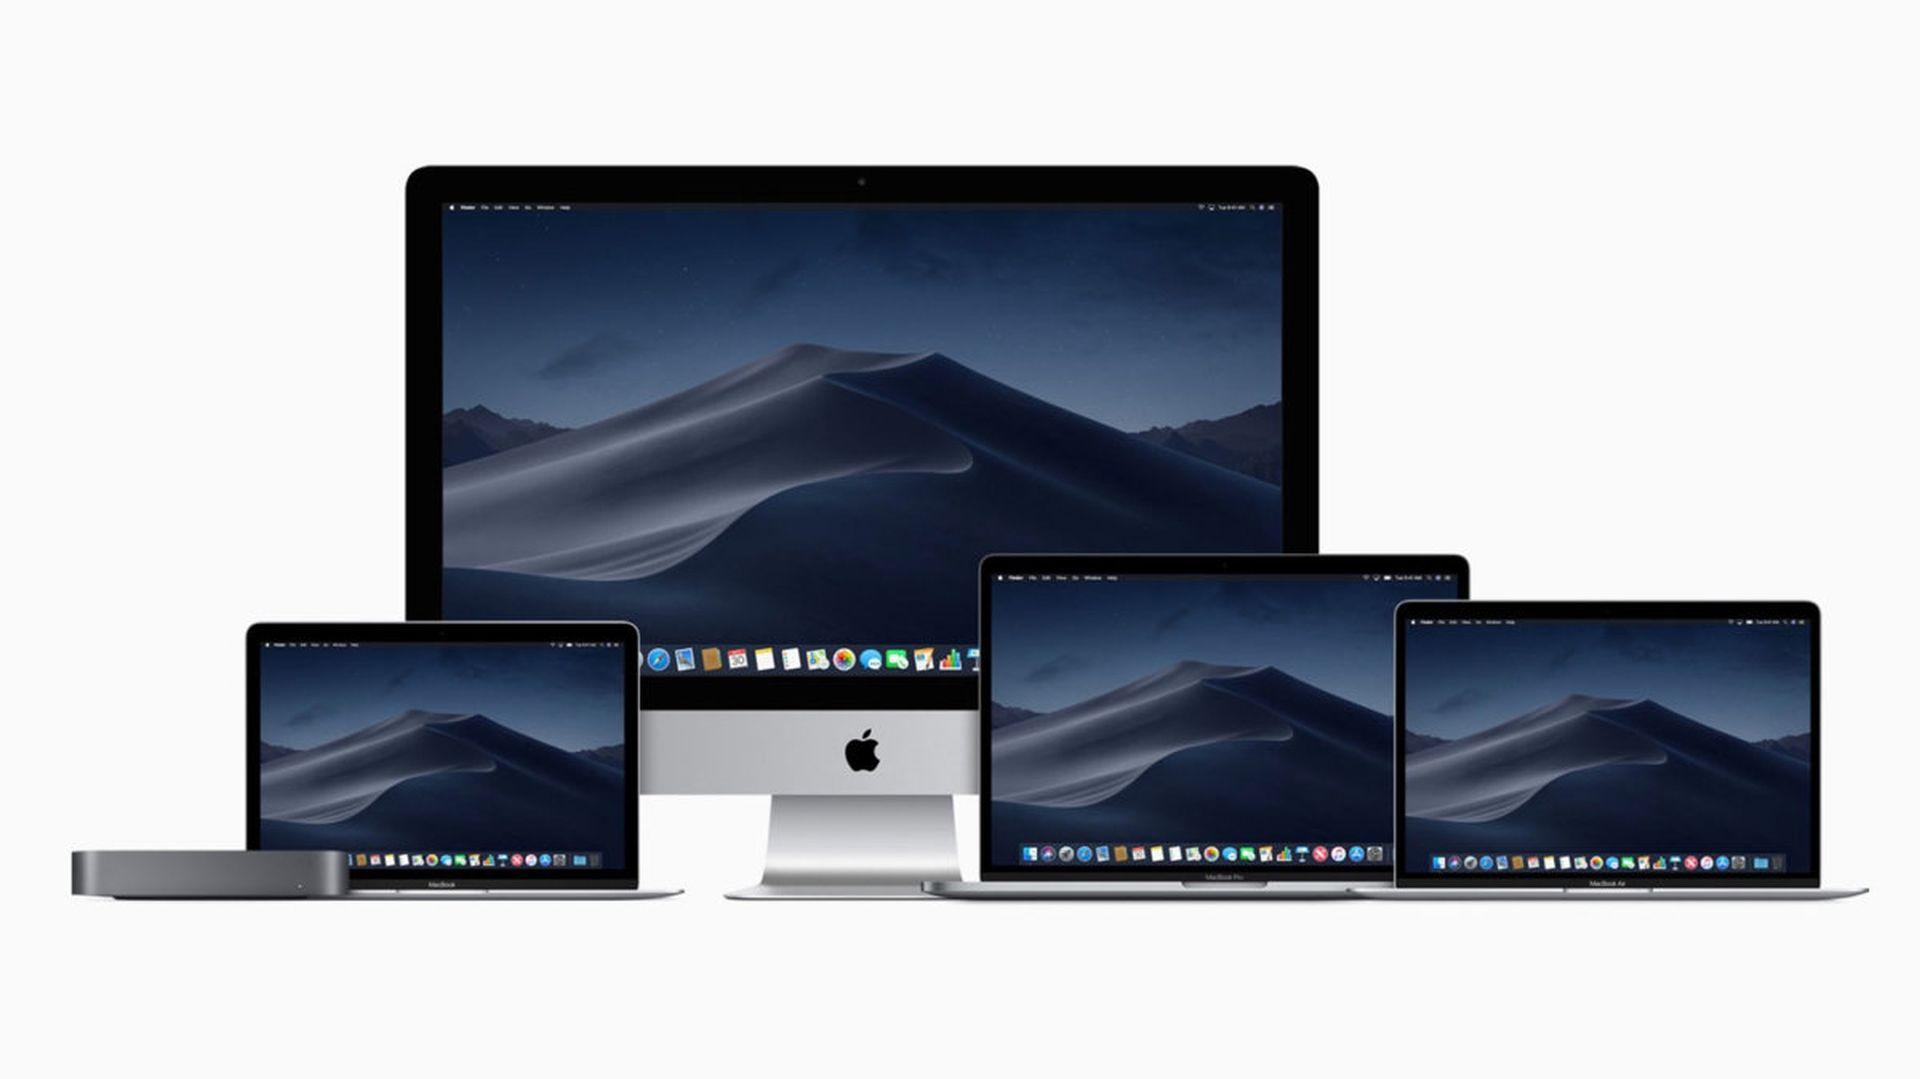 Raport sprzedaży komputerów w trzecim kwartale 2019 roku